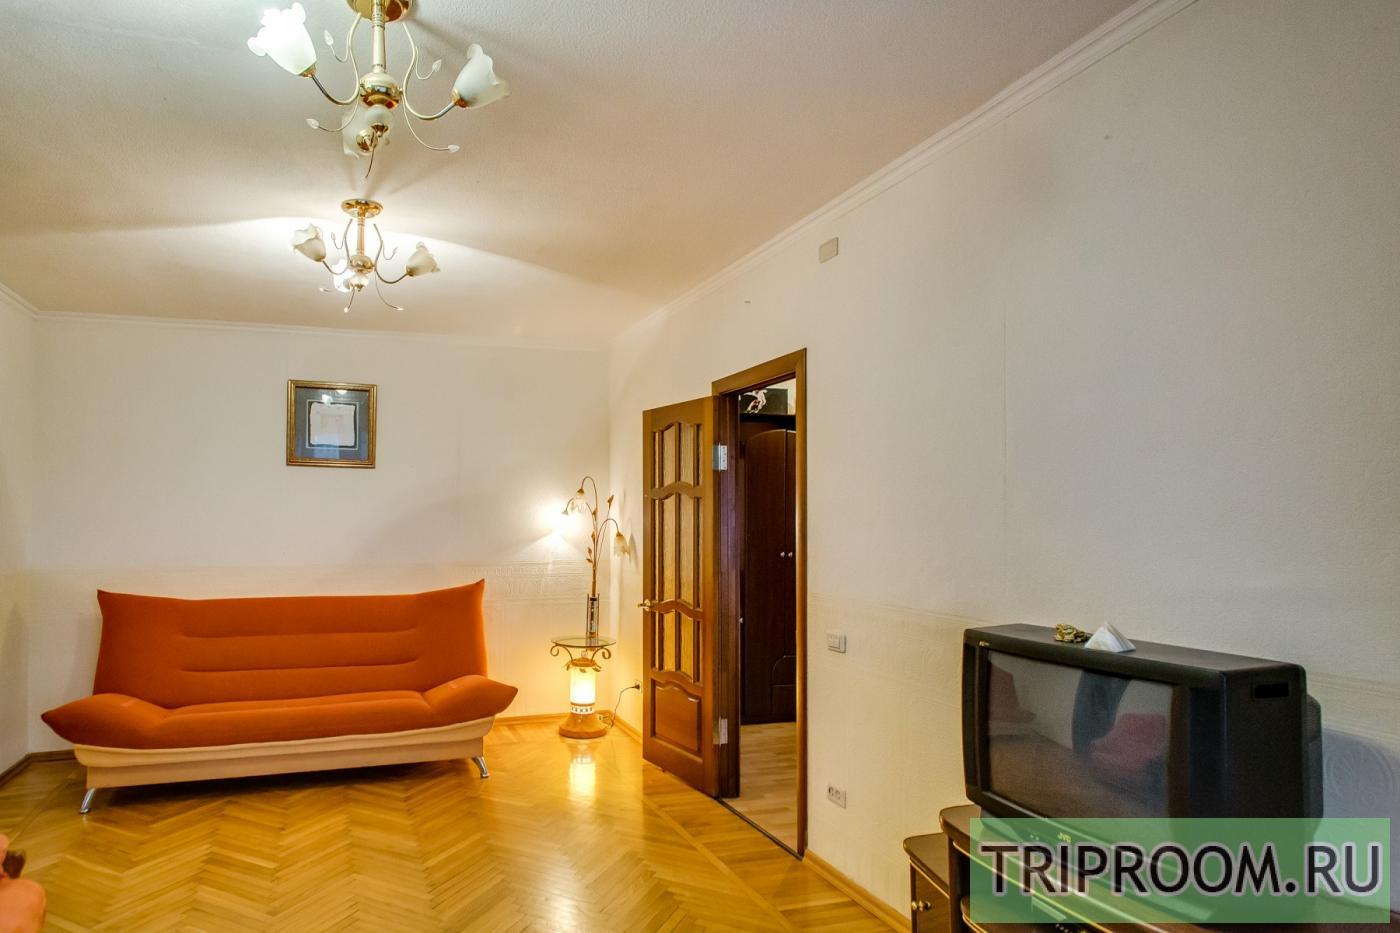 2-комнатная квартира посуточно (вариант № 19017), ул. Большая Садовая улица, фото № 2